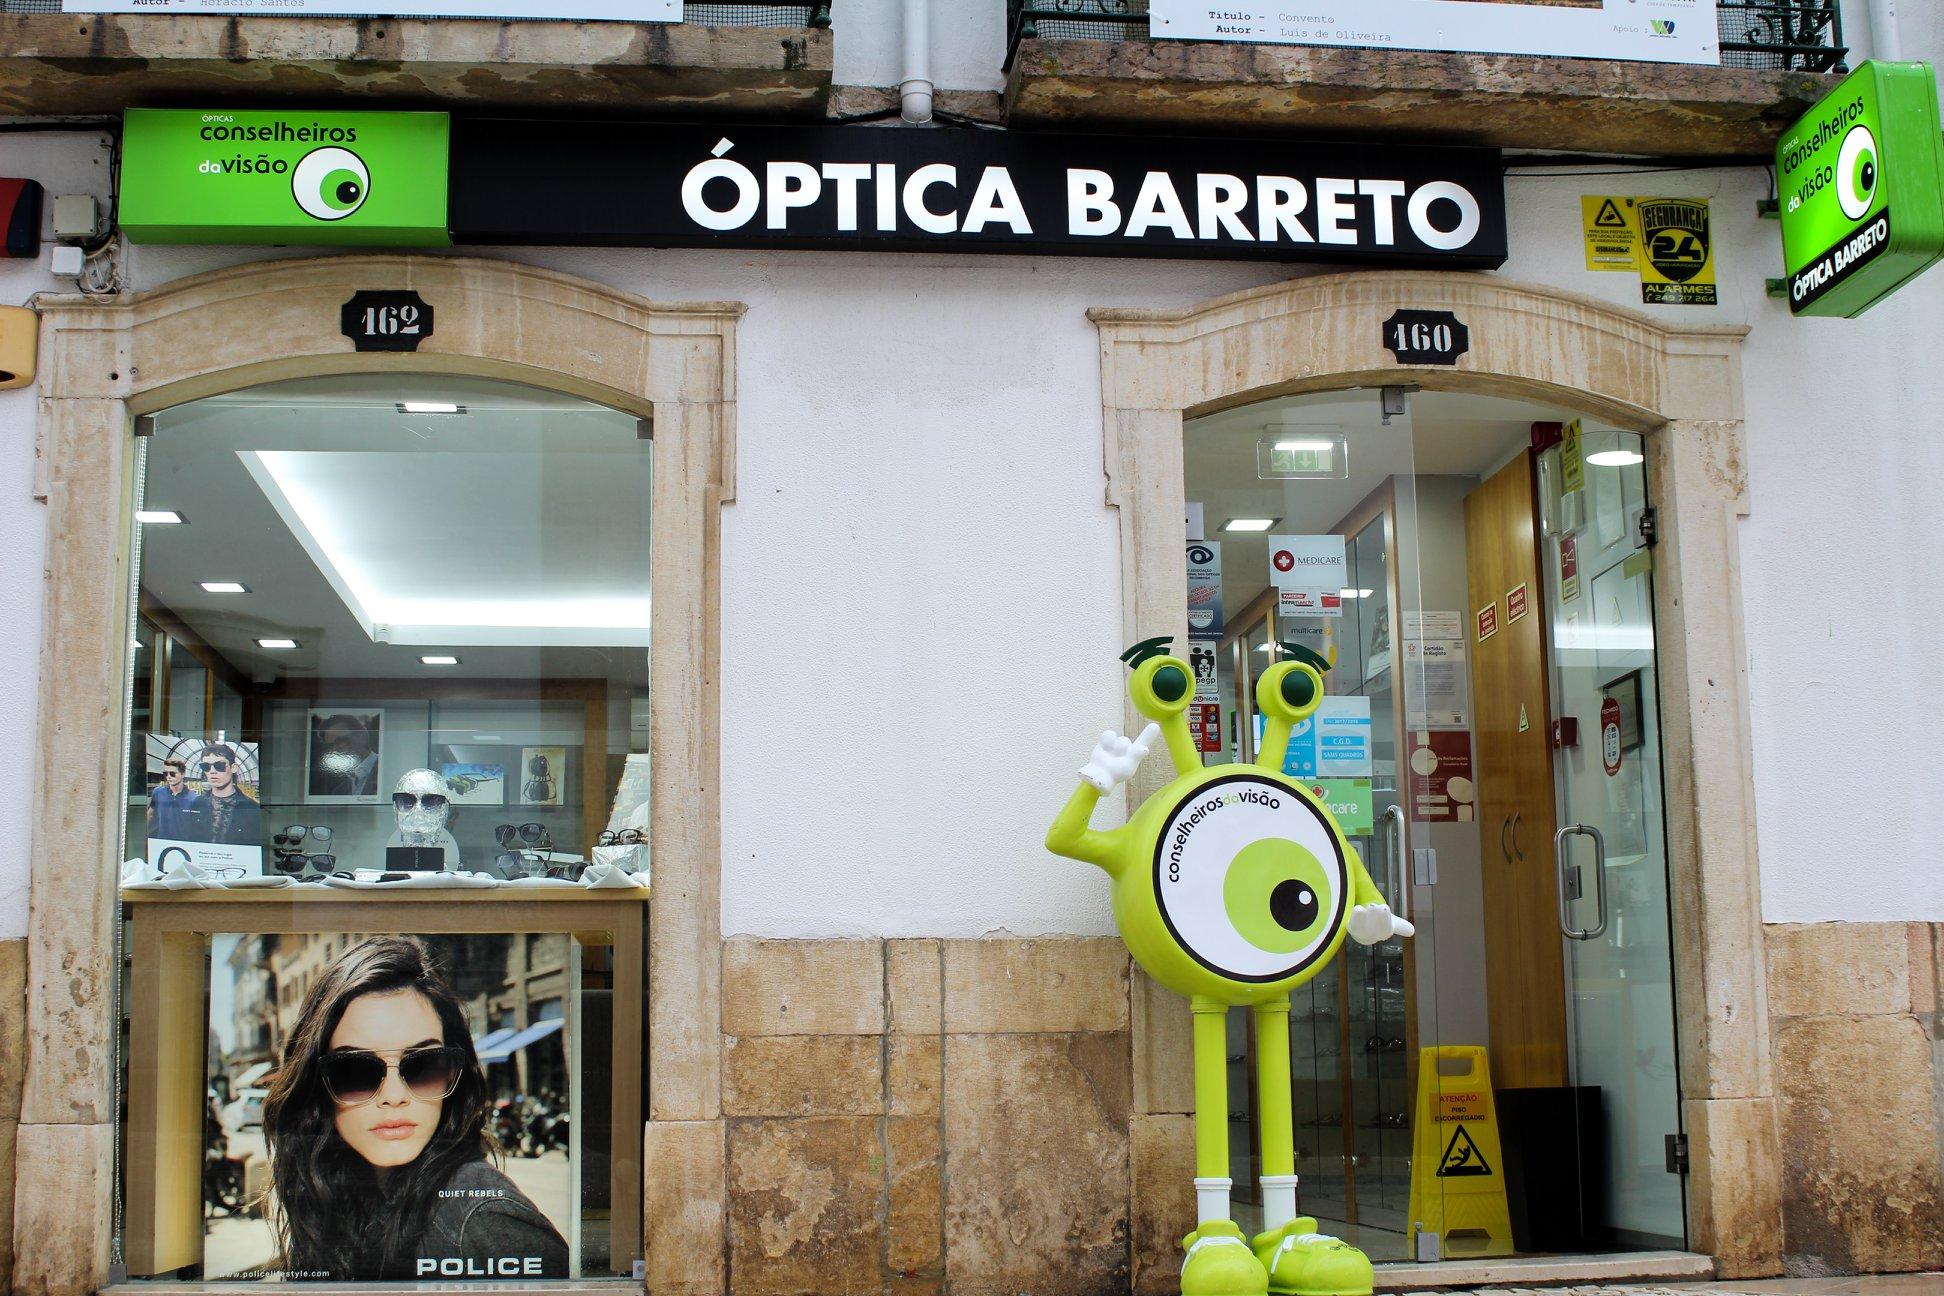 Óptica Barreto